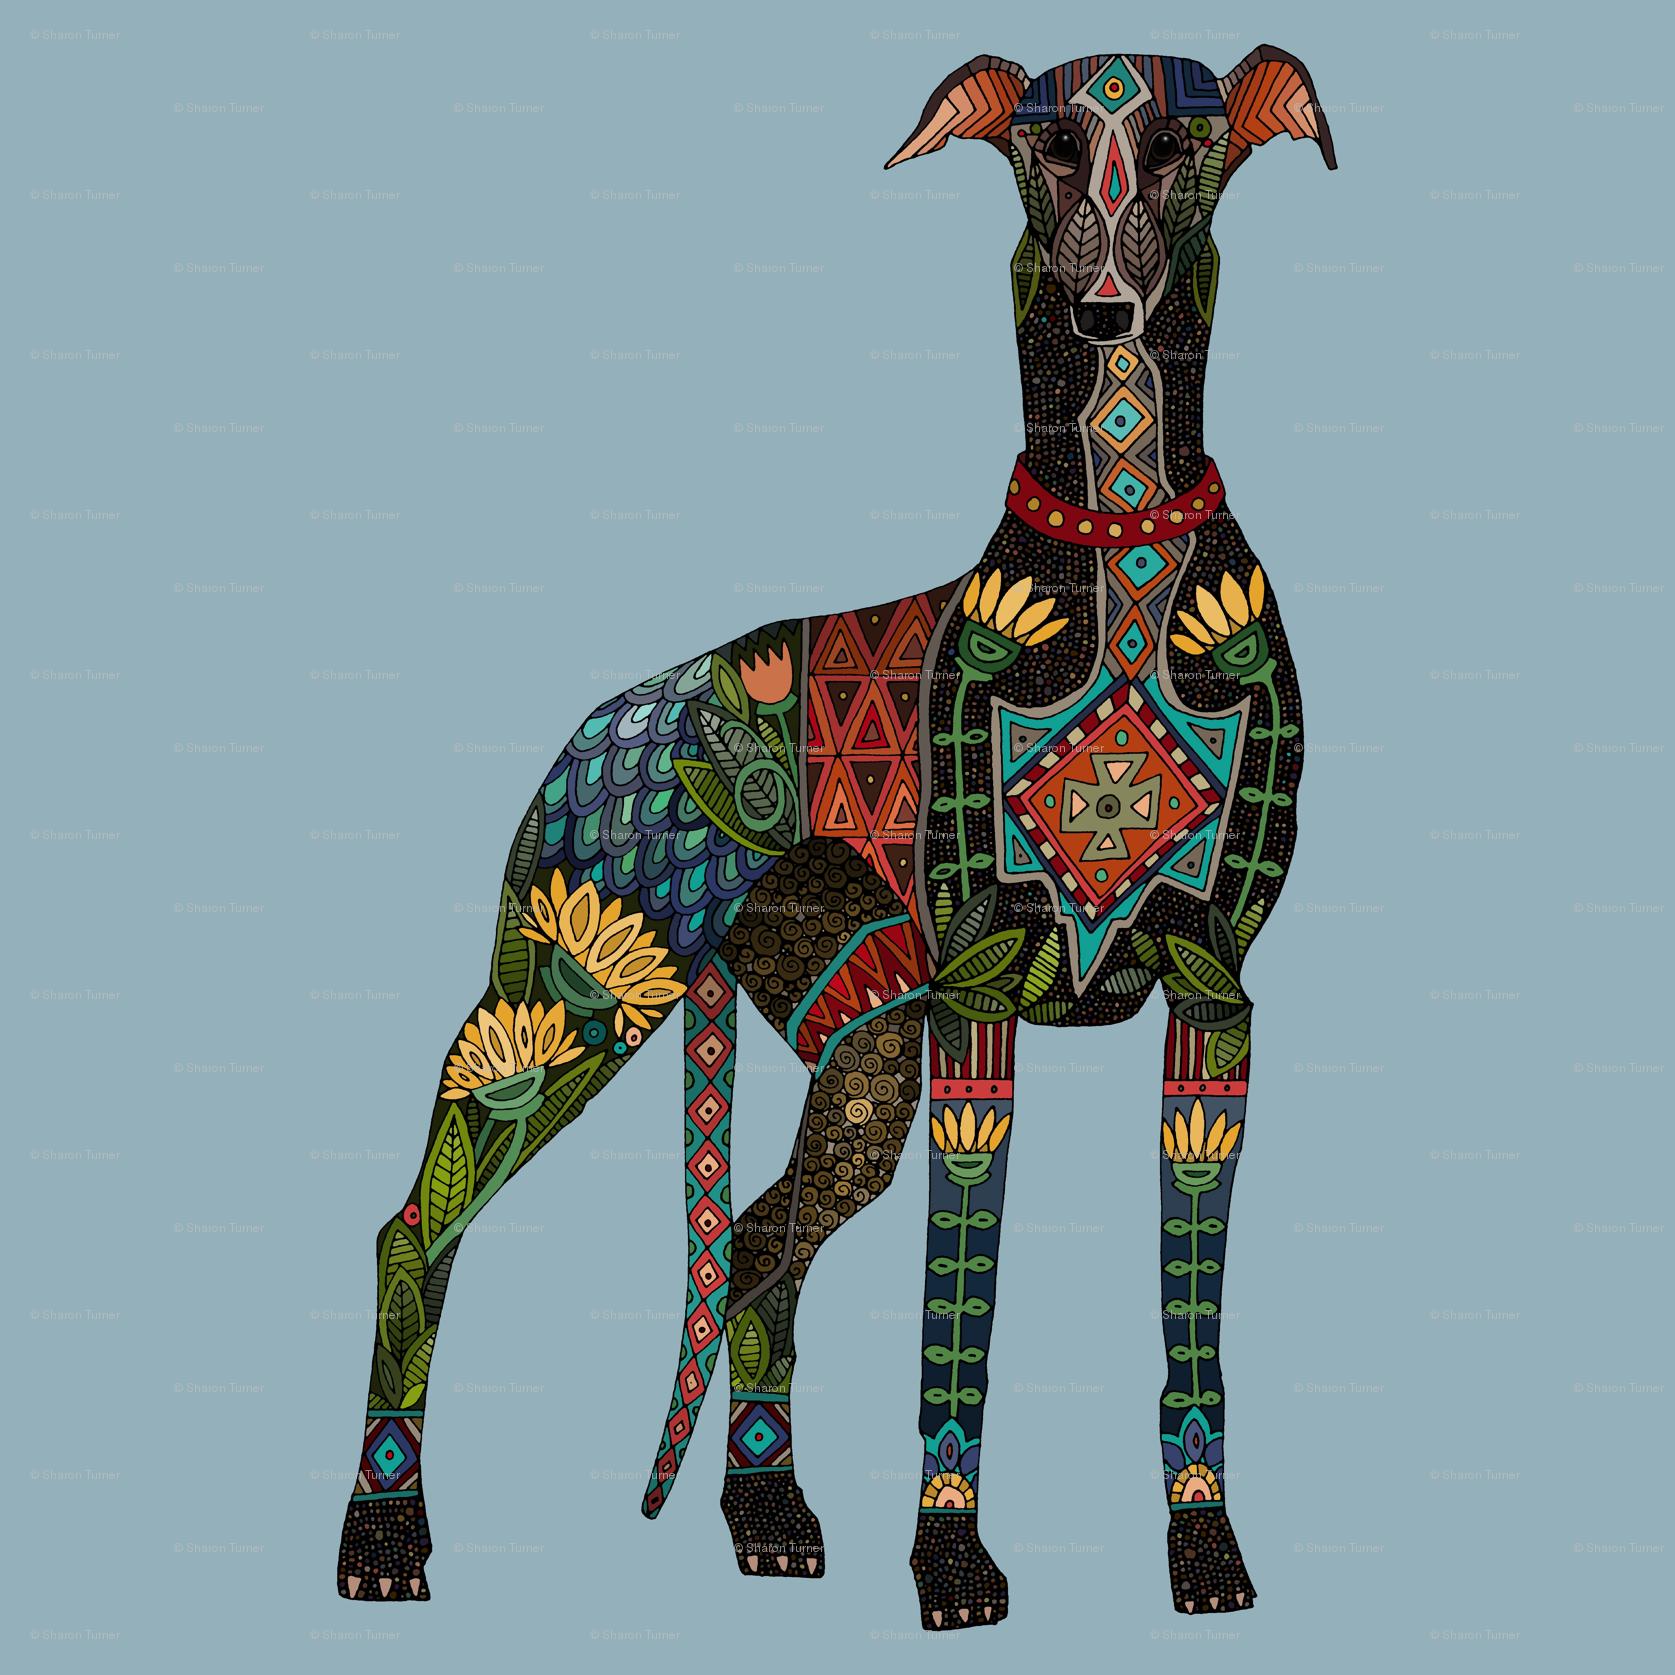 greyhound azure blue swatch fabric - scrummy - Spoonflower